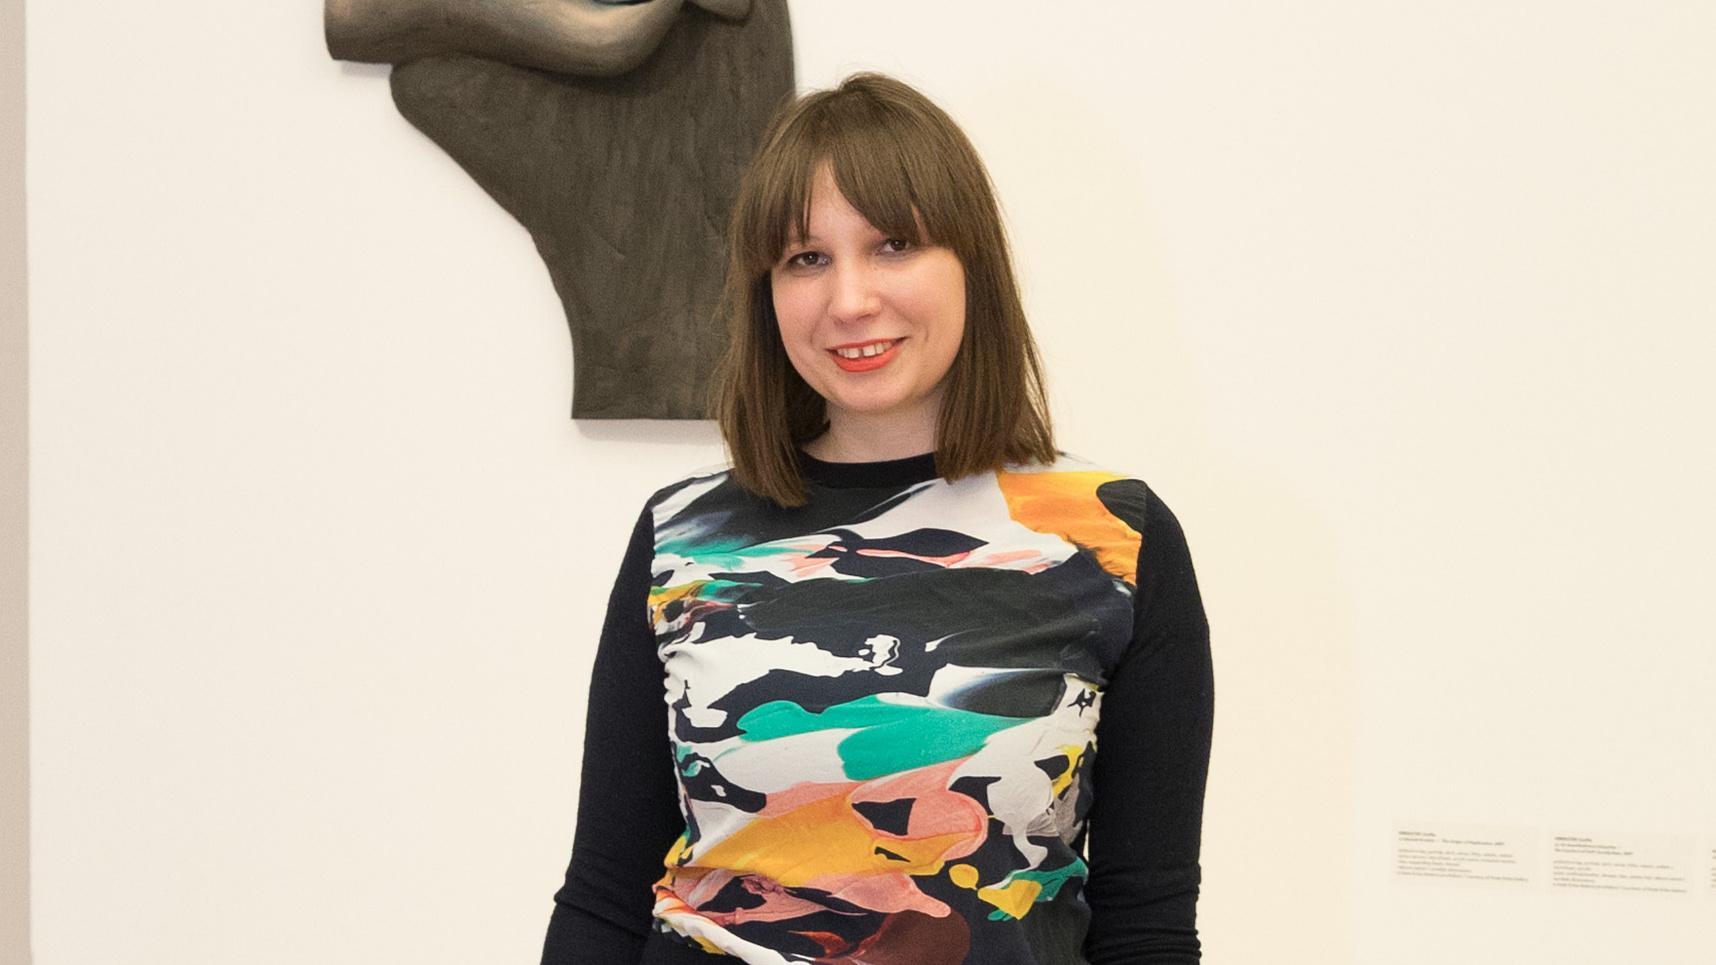 Magyar lány szobrai a digitális kannibalizmusról